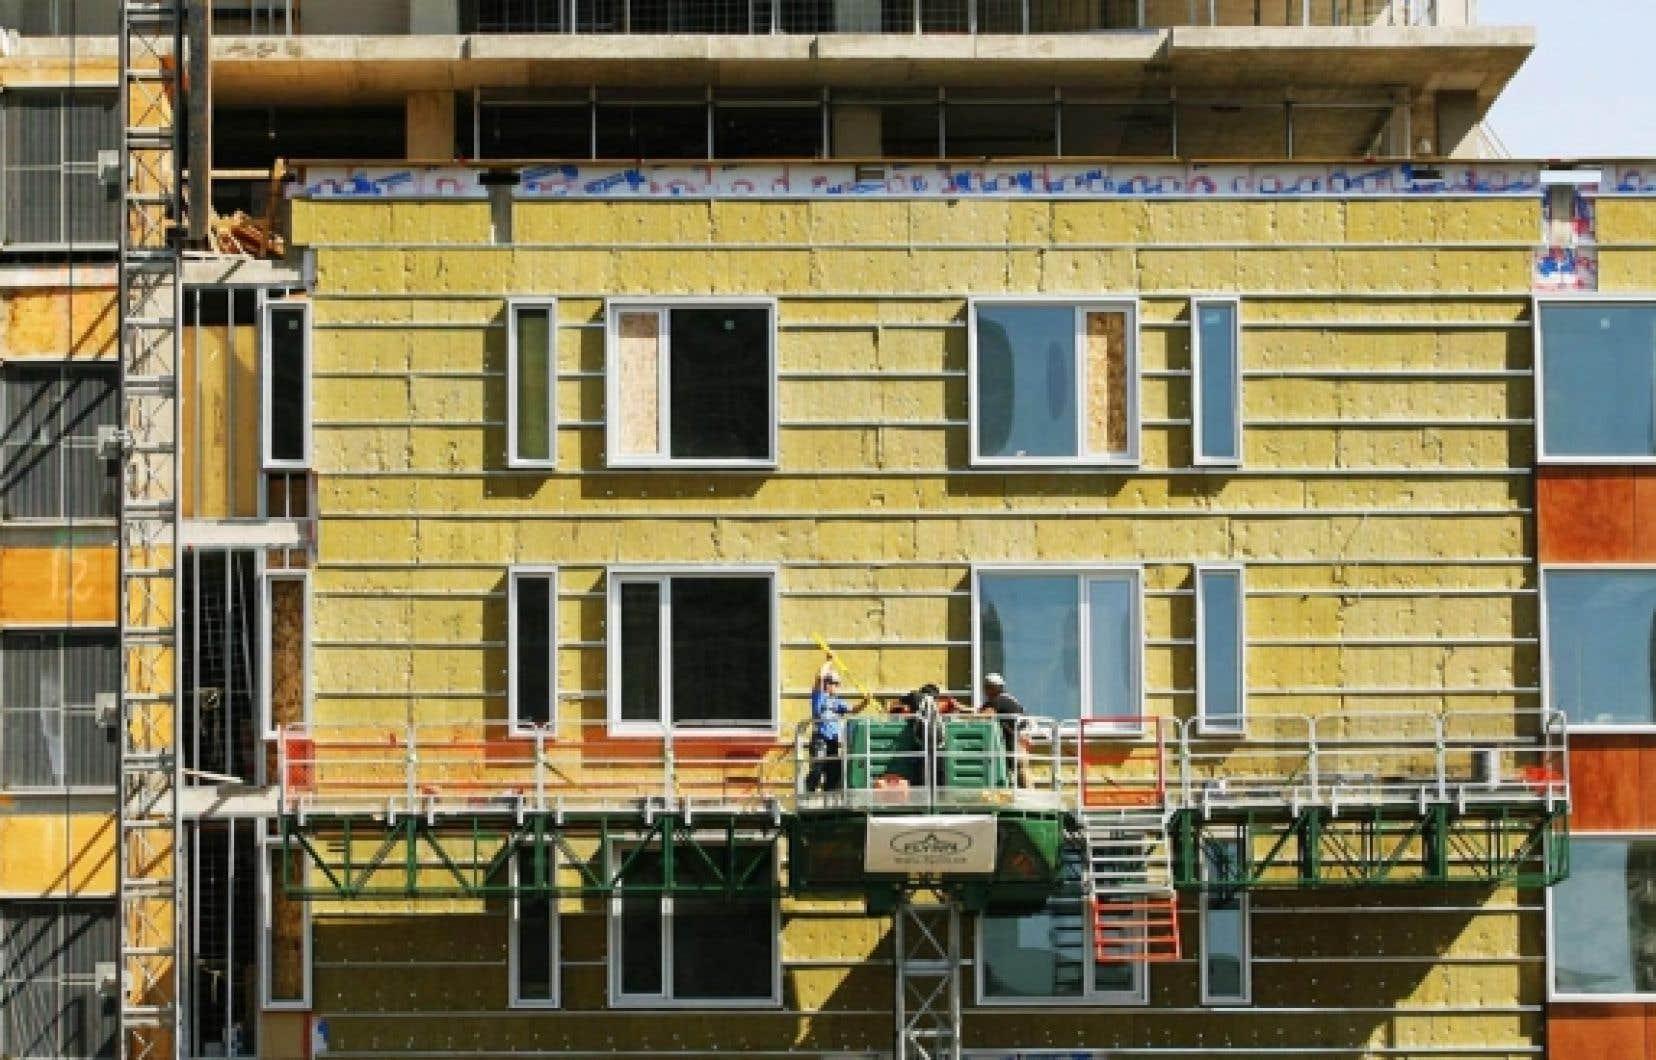 Selon la SCHL, le nombre de mises en chantier devrait se situer entre 152 000 et 189 300 cette année et entre 156 400 et 205 600 l'an prochain.